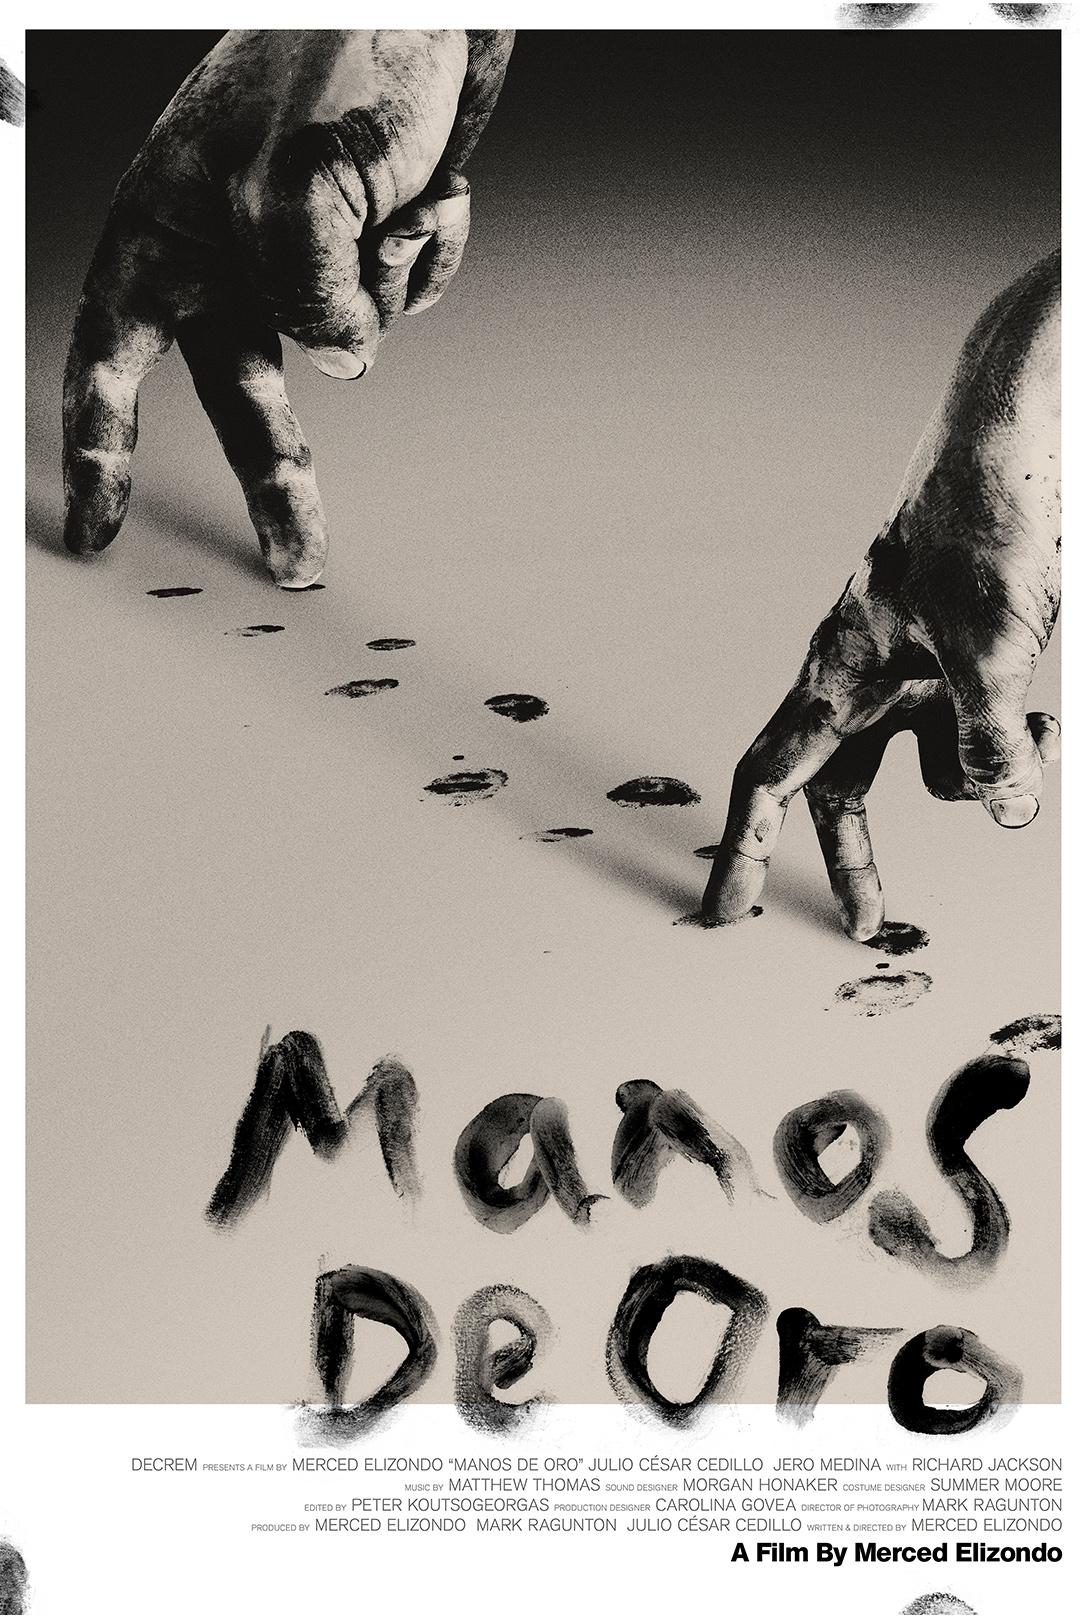 MDO_AS_hands_4-4-21 - Merced Elizondo